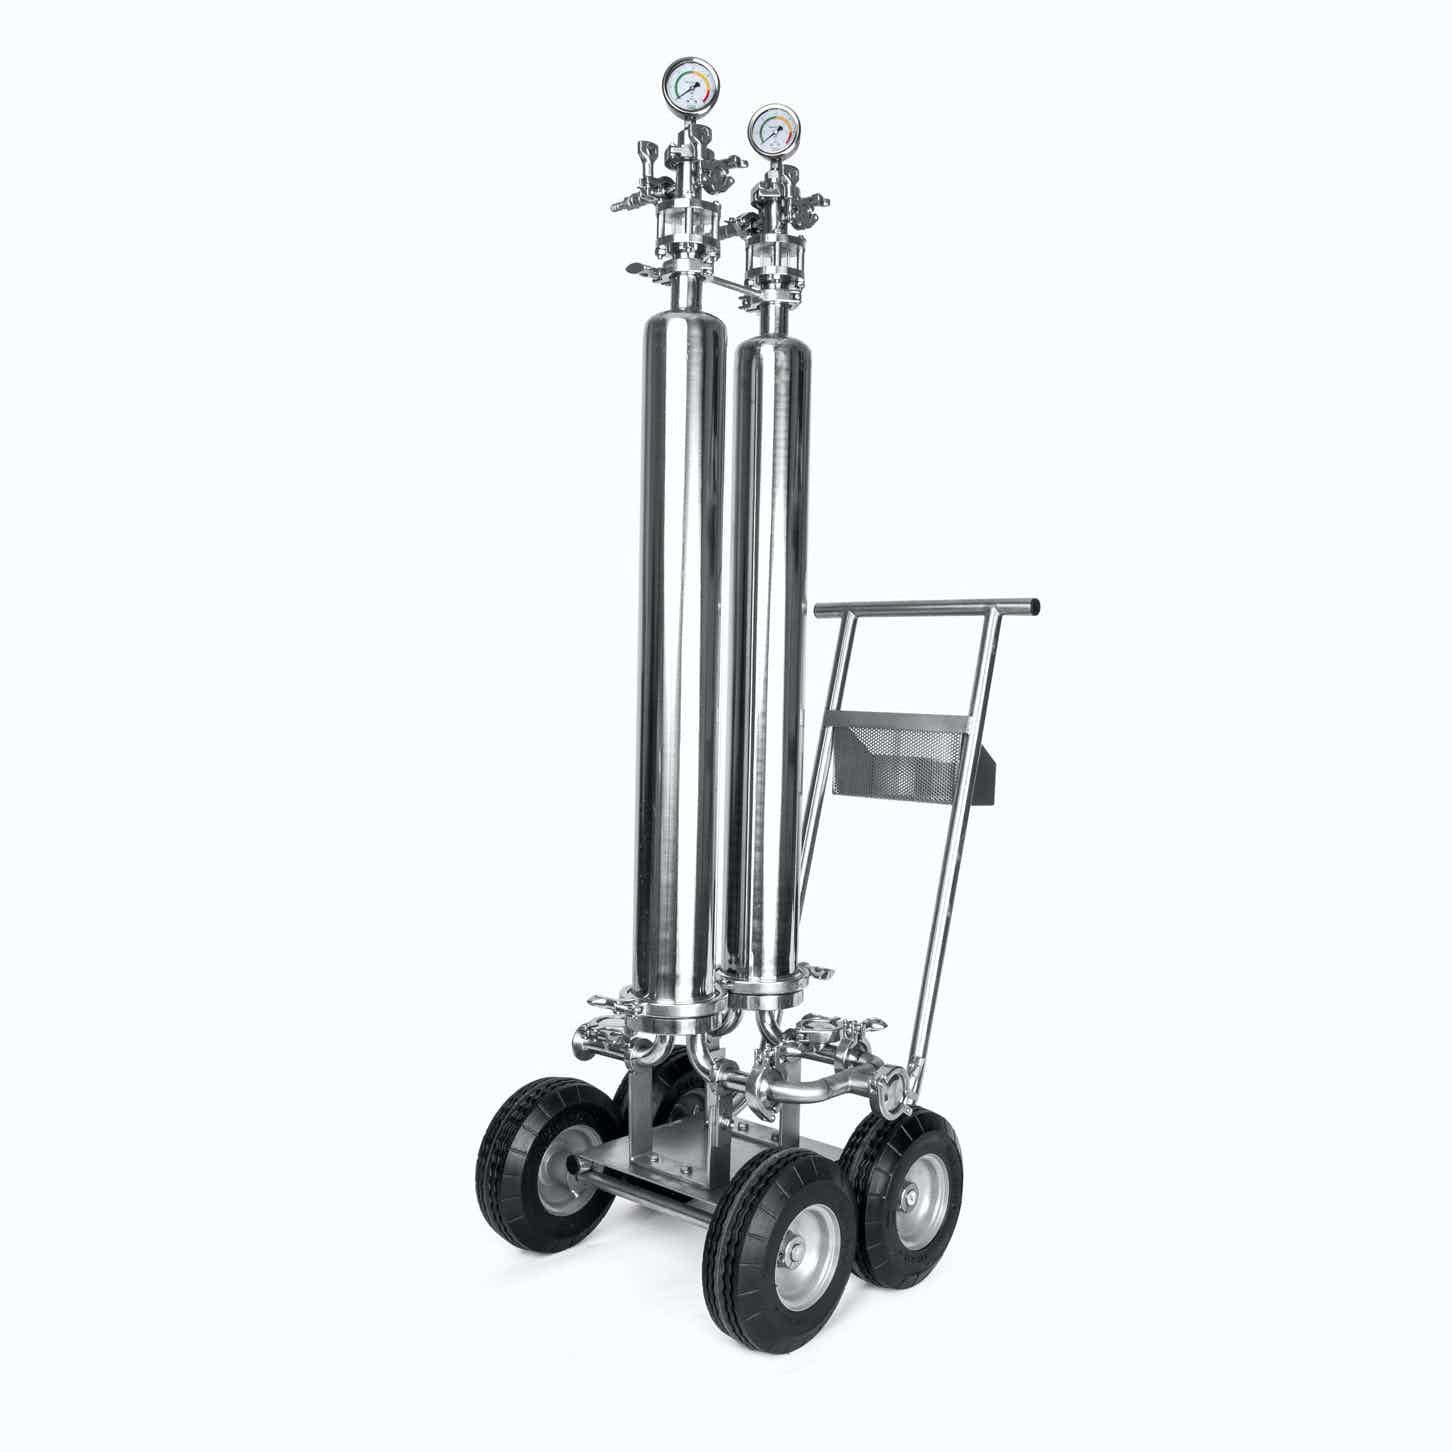 2x30 on cart.jpg?ixlib=rails 3.0